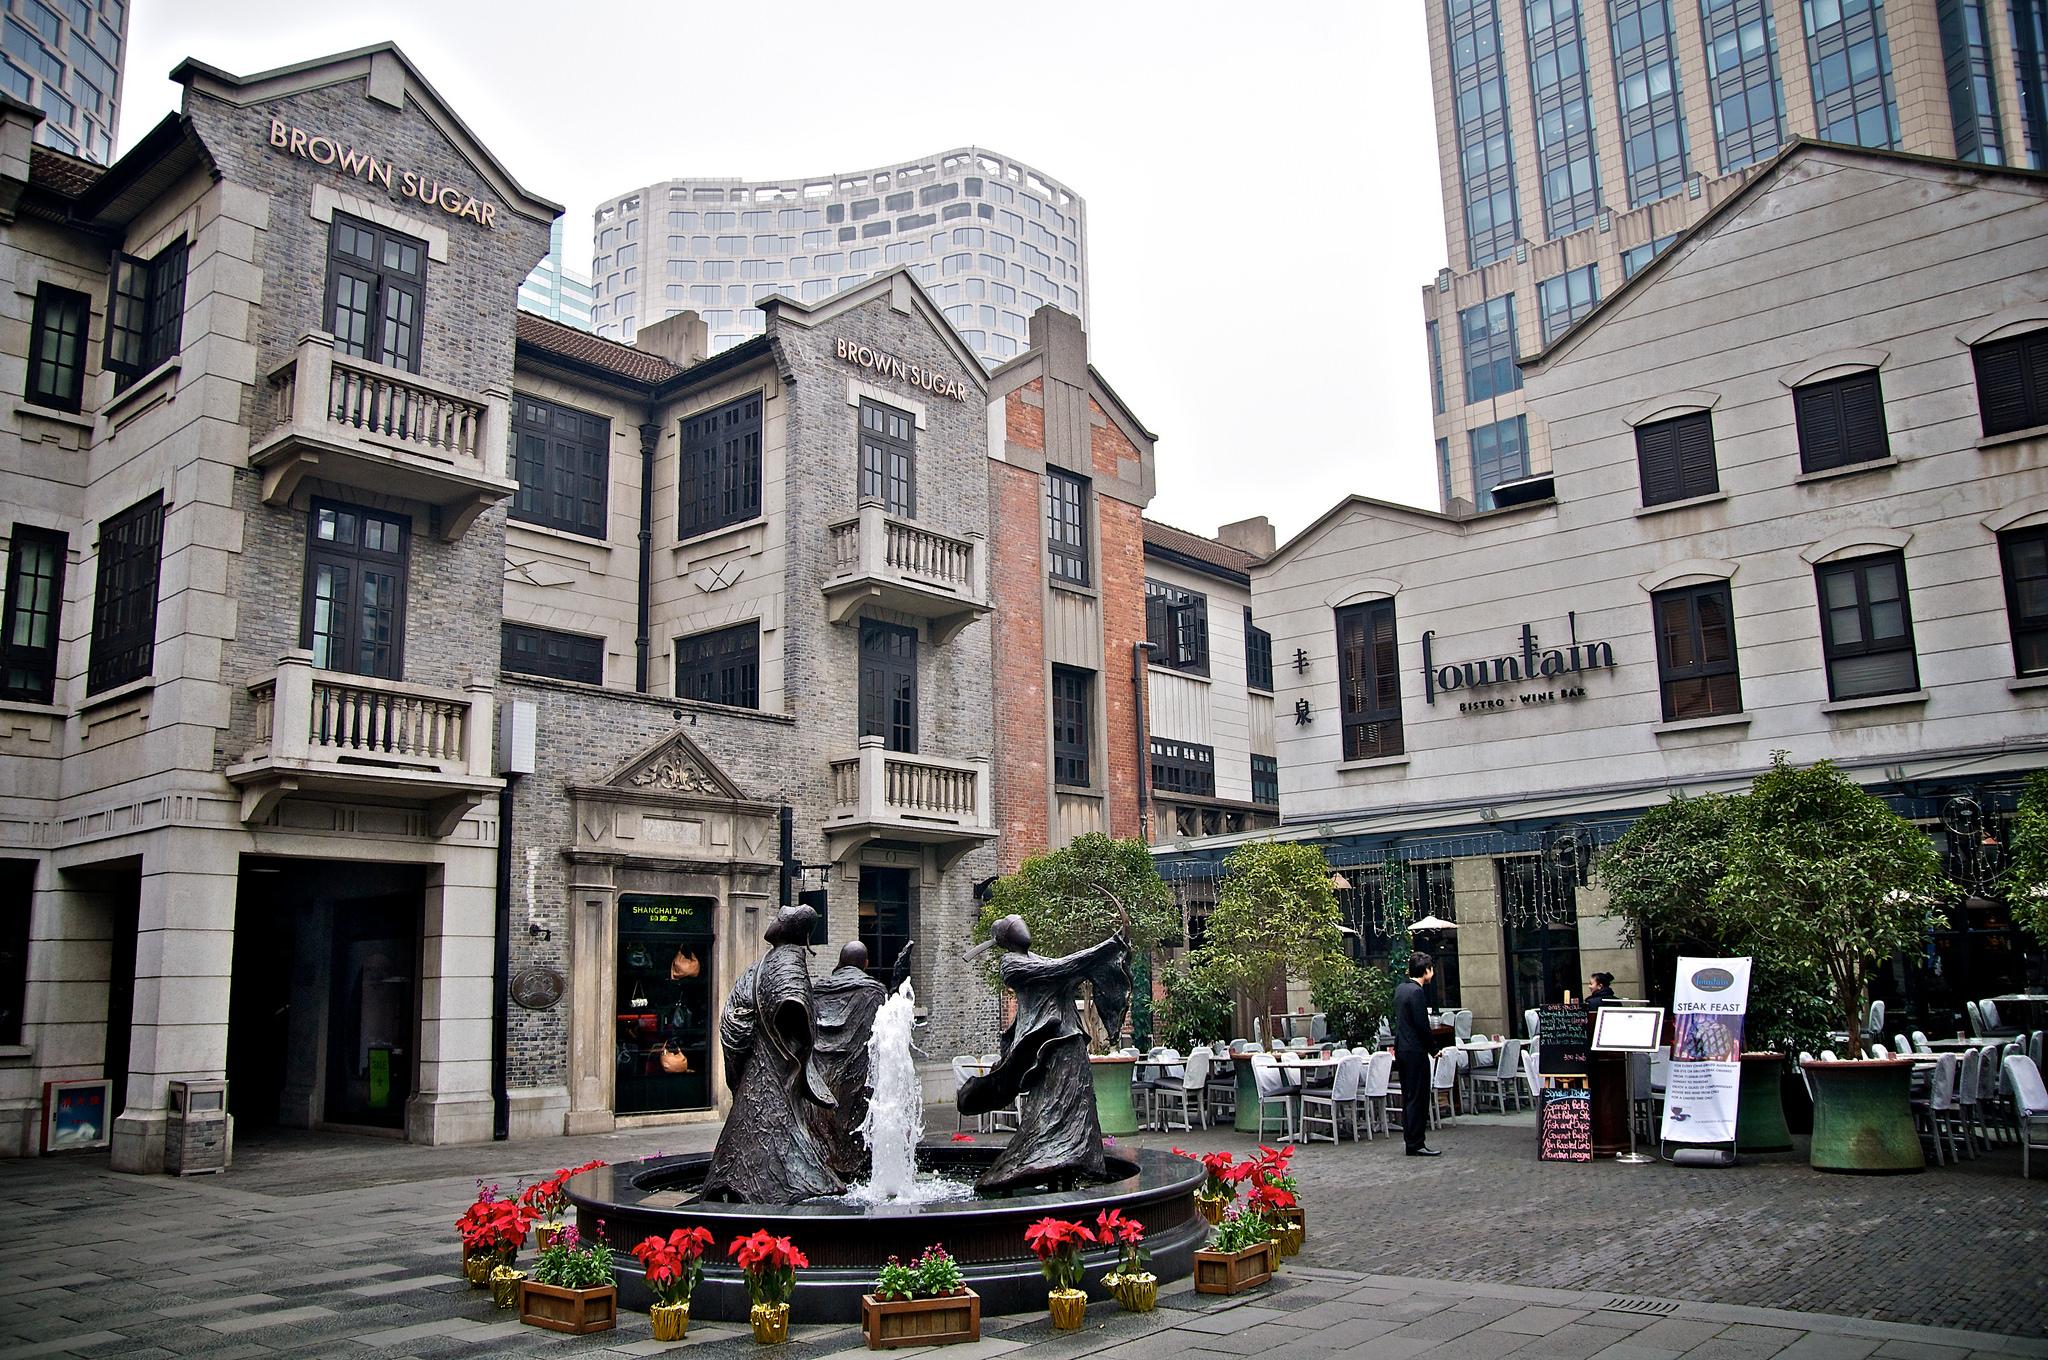 Французский квартал в Шанхае, площадь с фонтаном